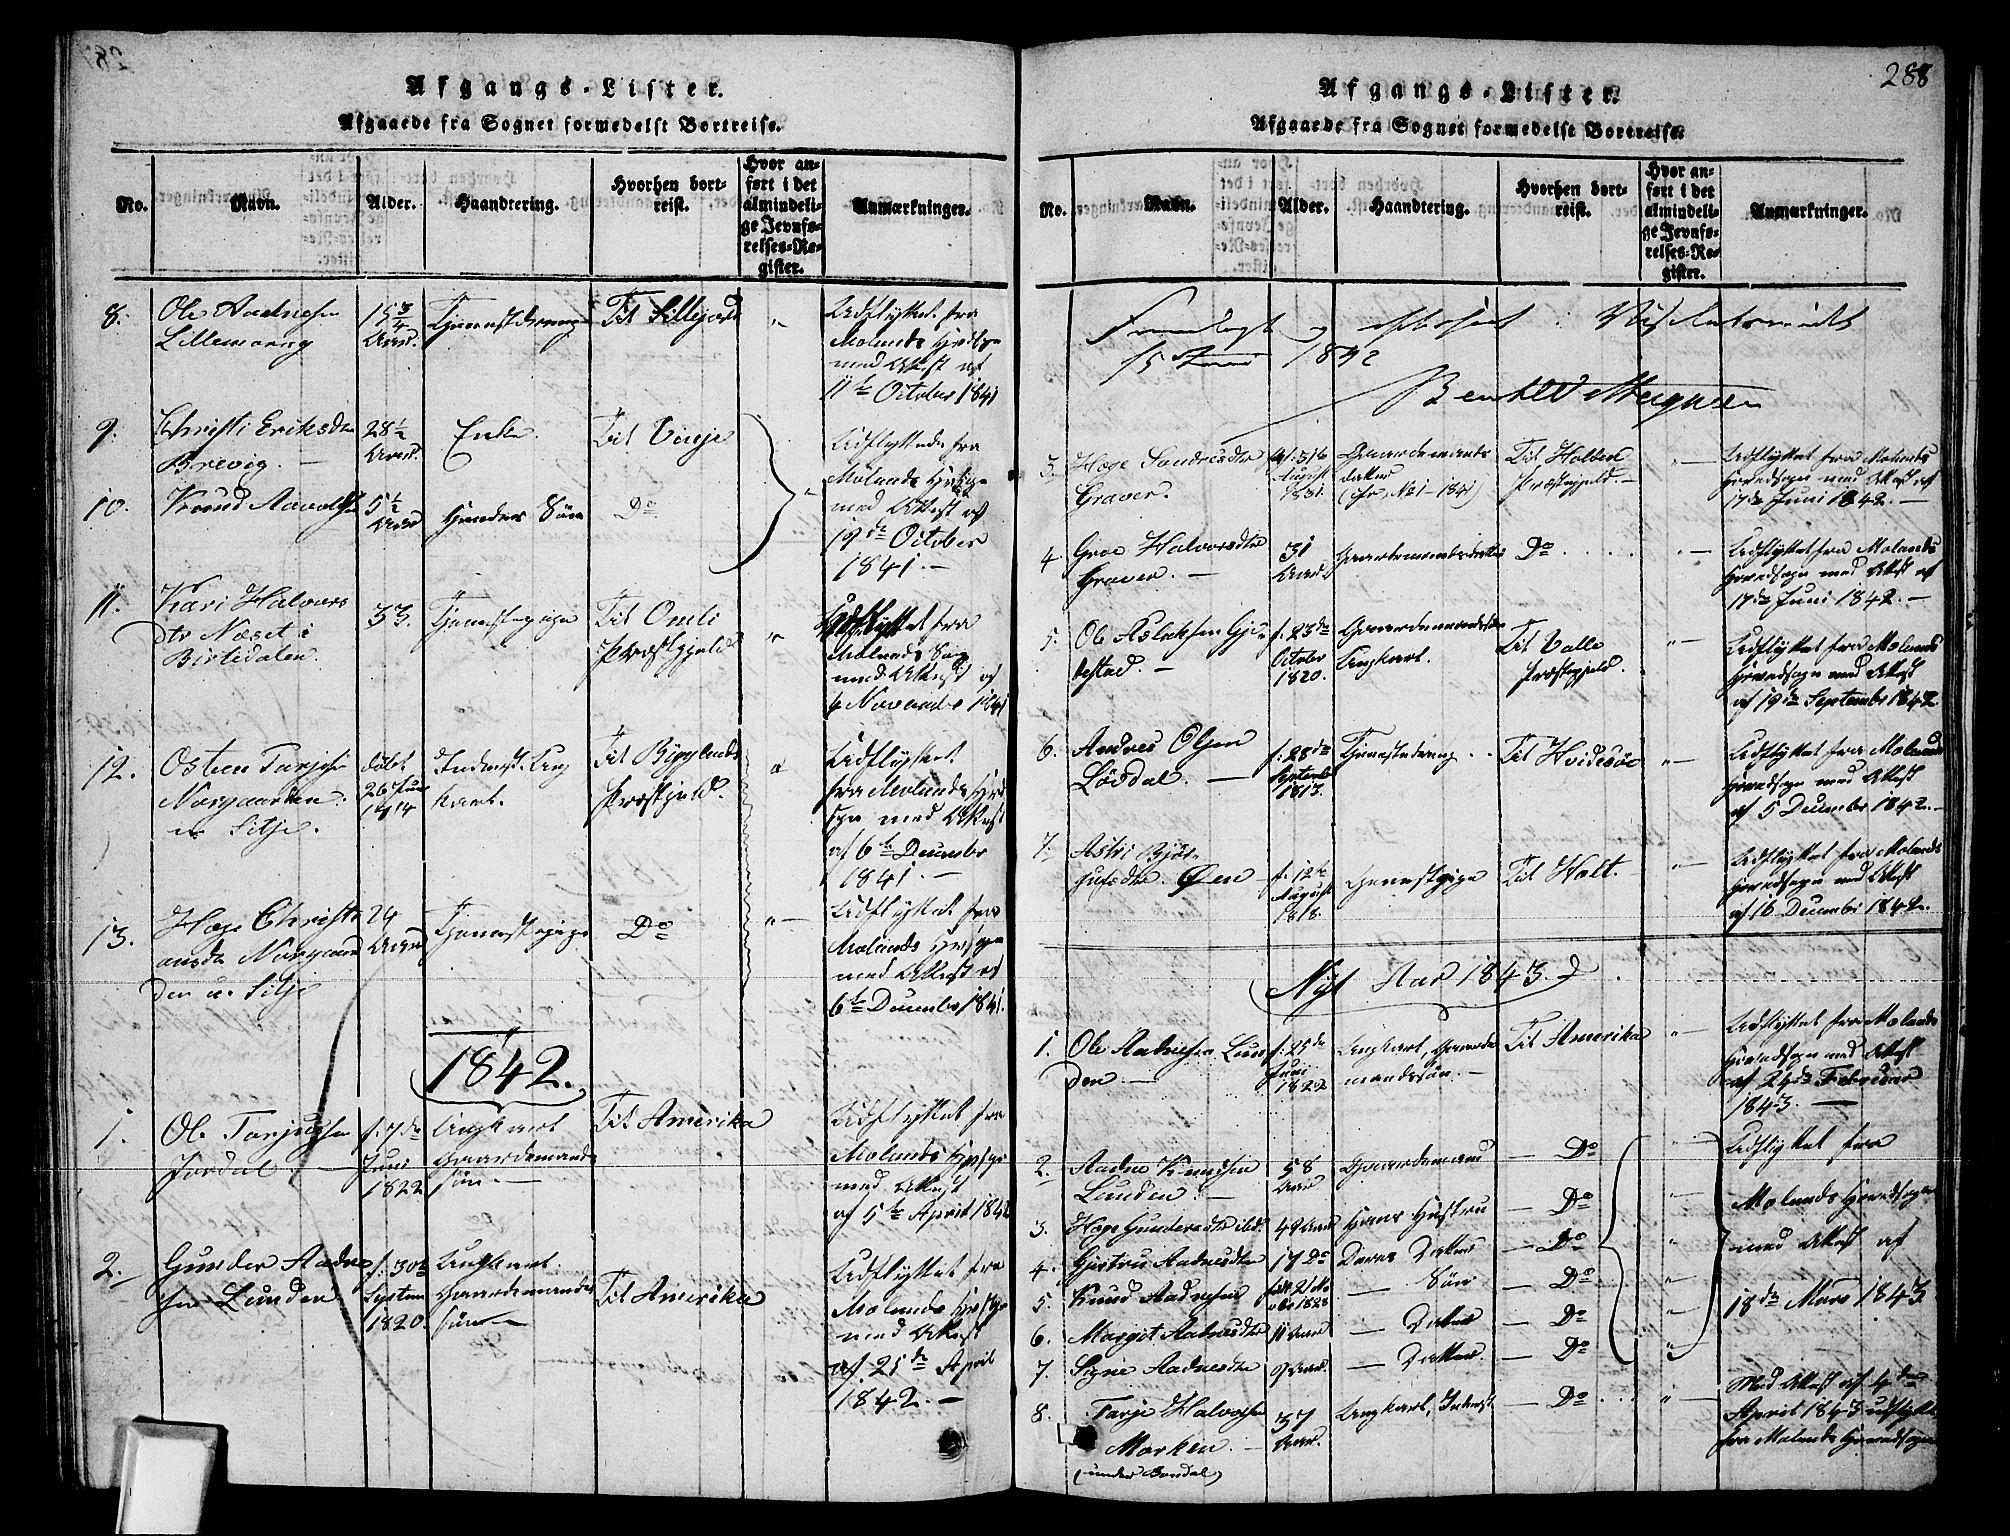 SAKO, Fyresdal kirkebøker, G/Ga/L0002: Klokkerbok nr. I 2, 1815-1857, s. 288